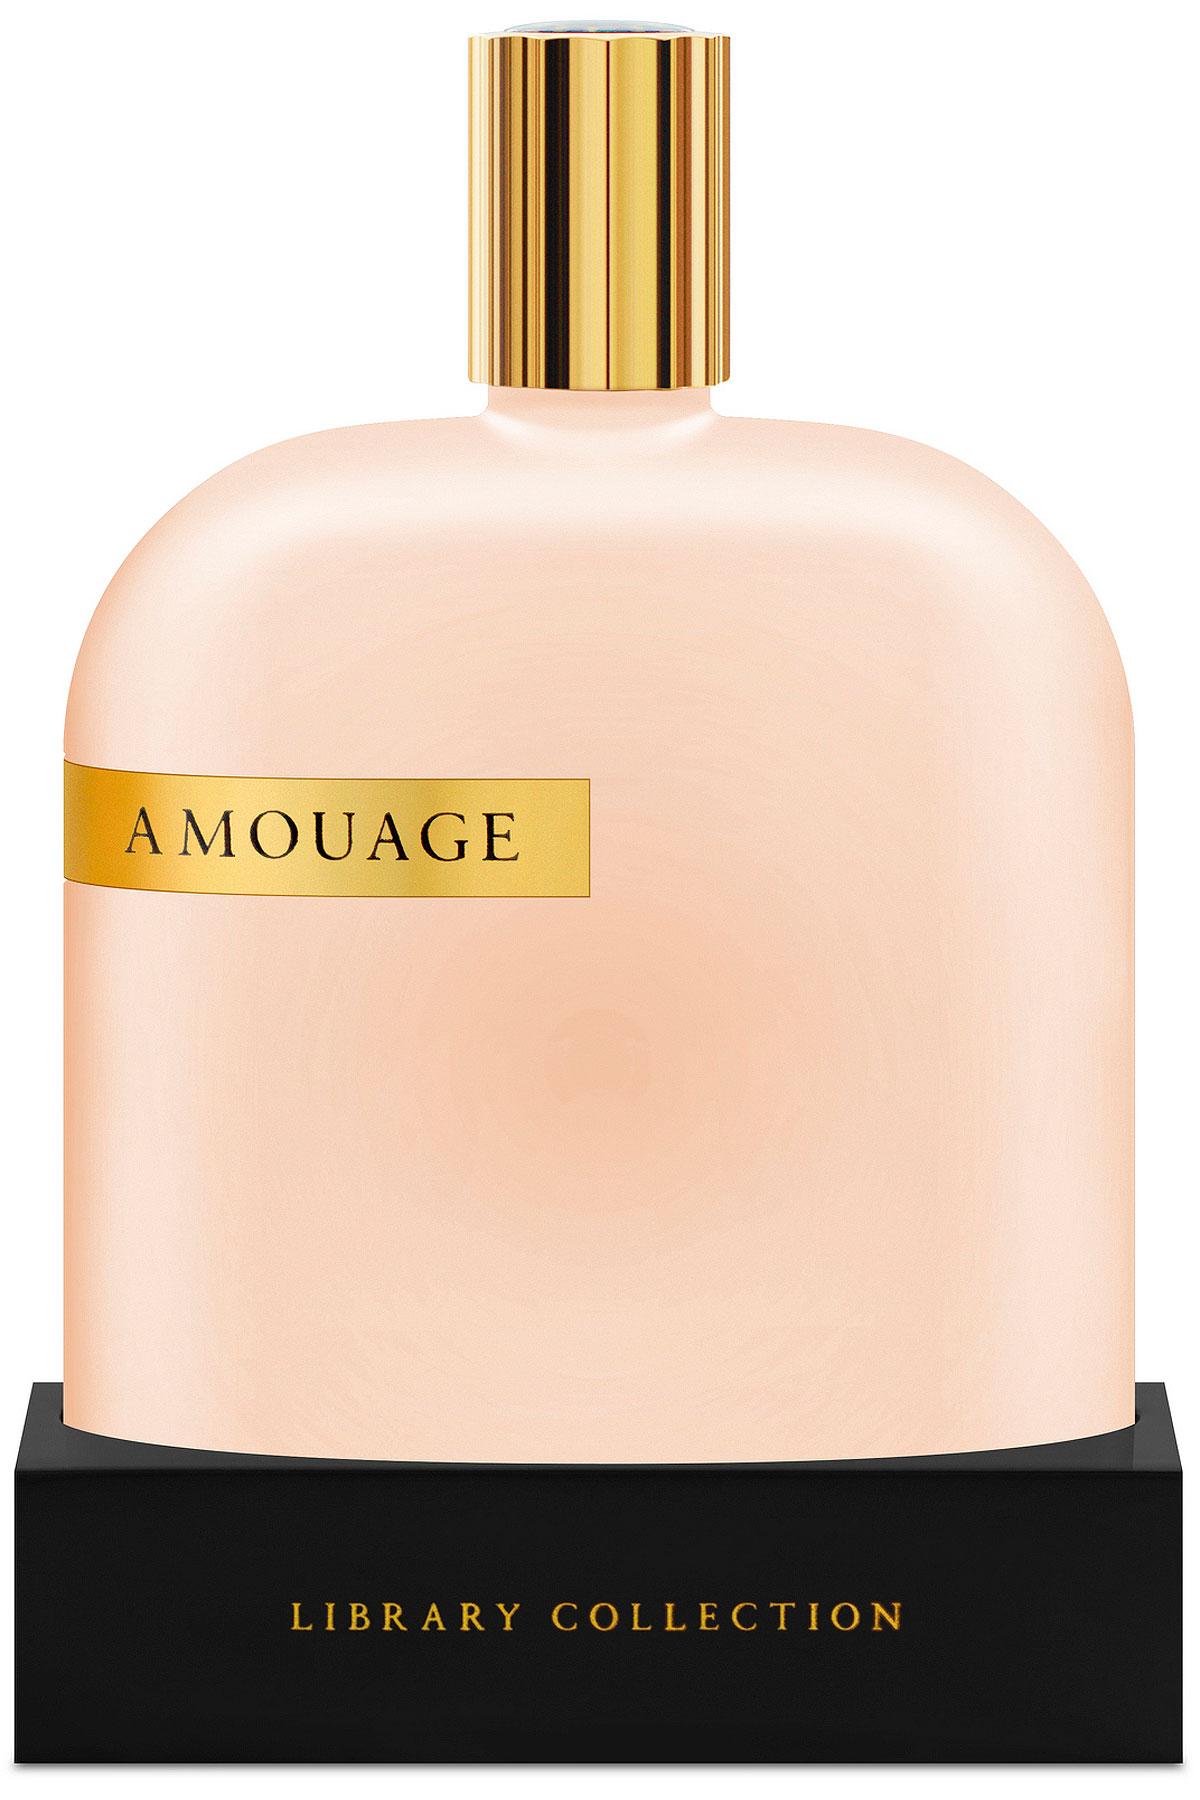 Amouage Fragrances for Women, Opus V - Eau De Parfum - 100 Ml, 2019, 100 ml